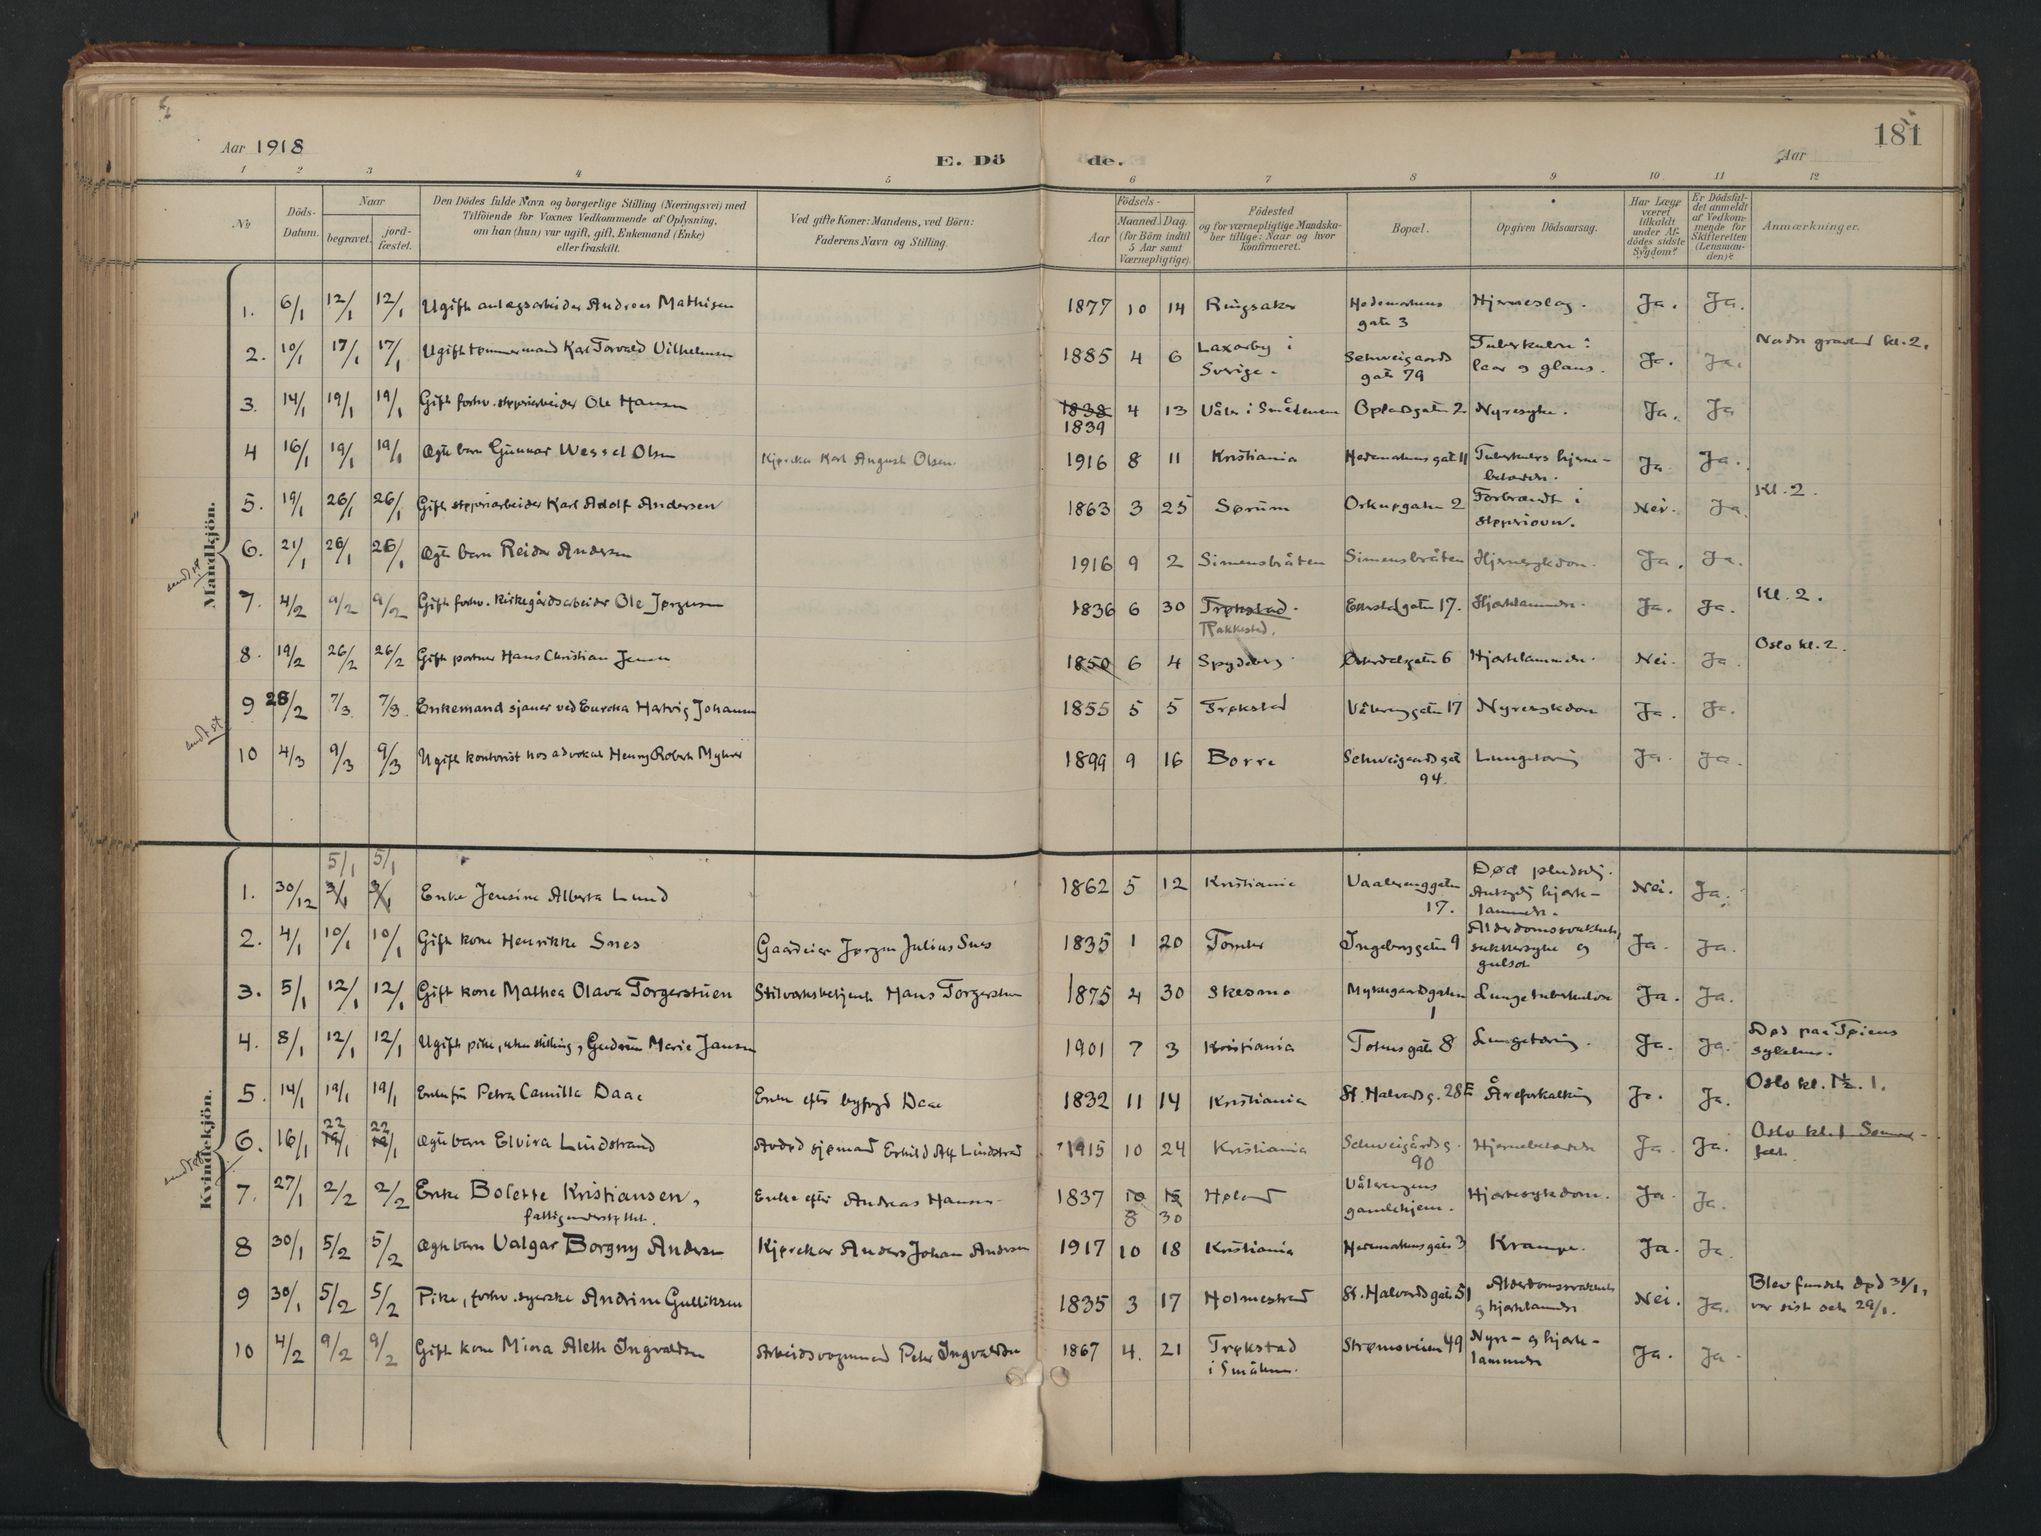 SAO, Vålerengen prestekontor Kirkebøker, F/Fa/L0003: Ministerialbok nr. 3, 1899-1930, s. 181